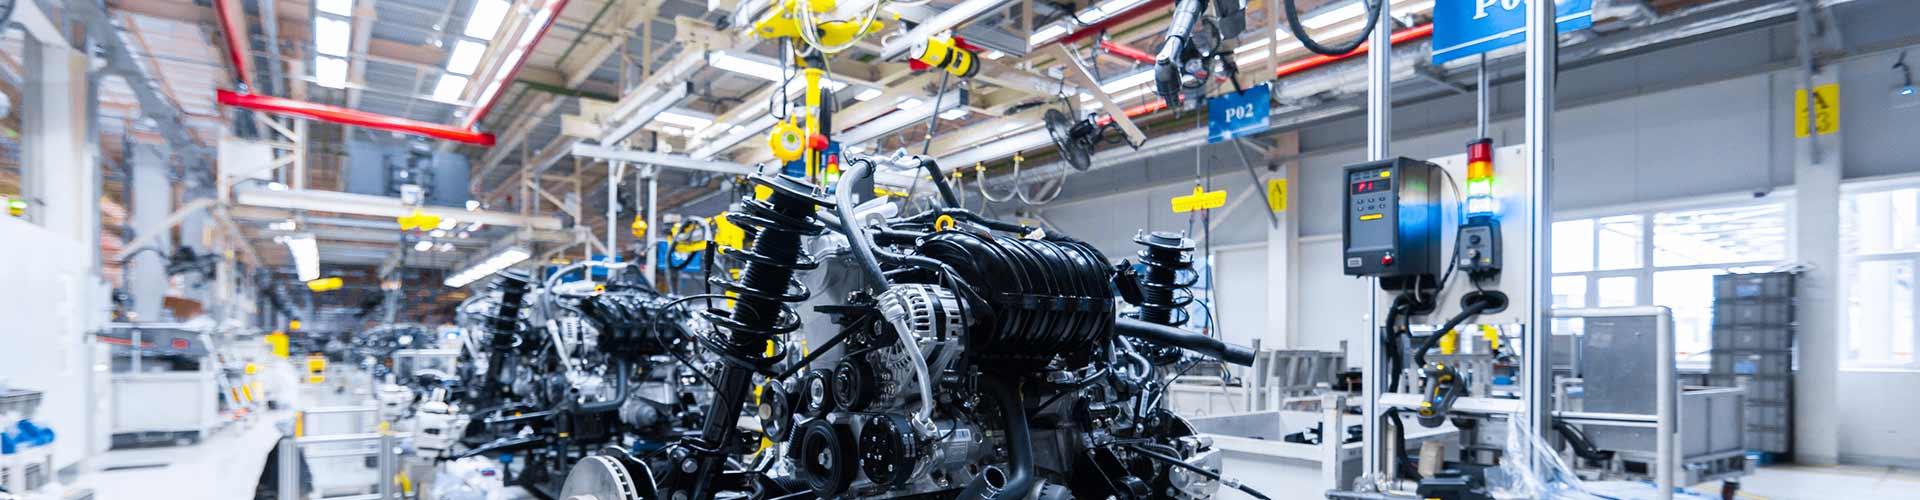 Automação de processos na indústria: tudo o que você precisa saber